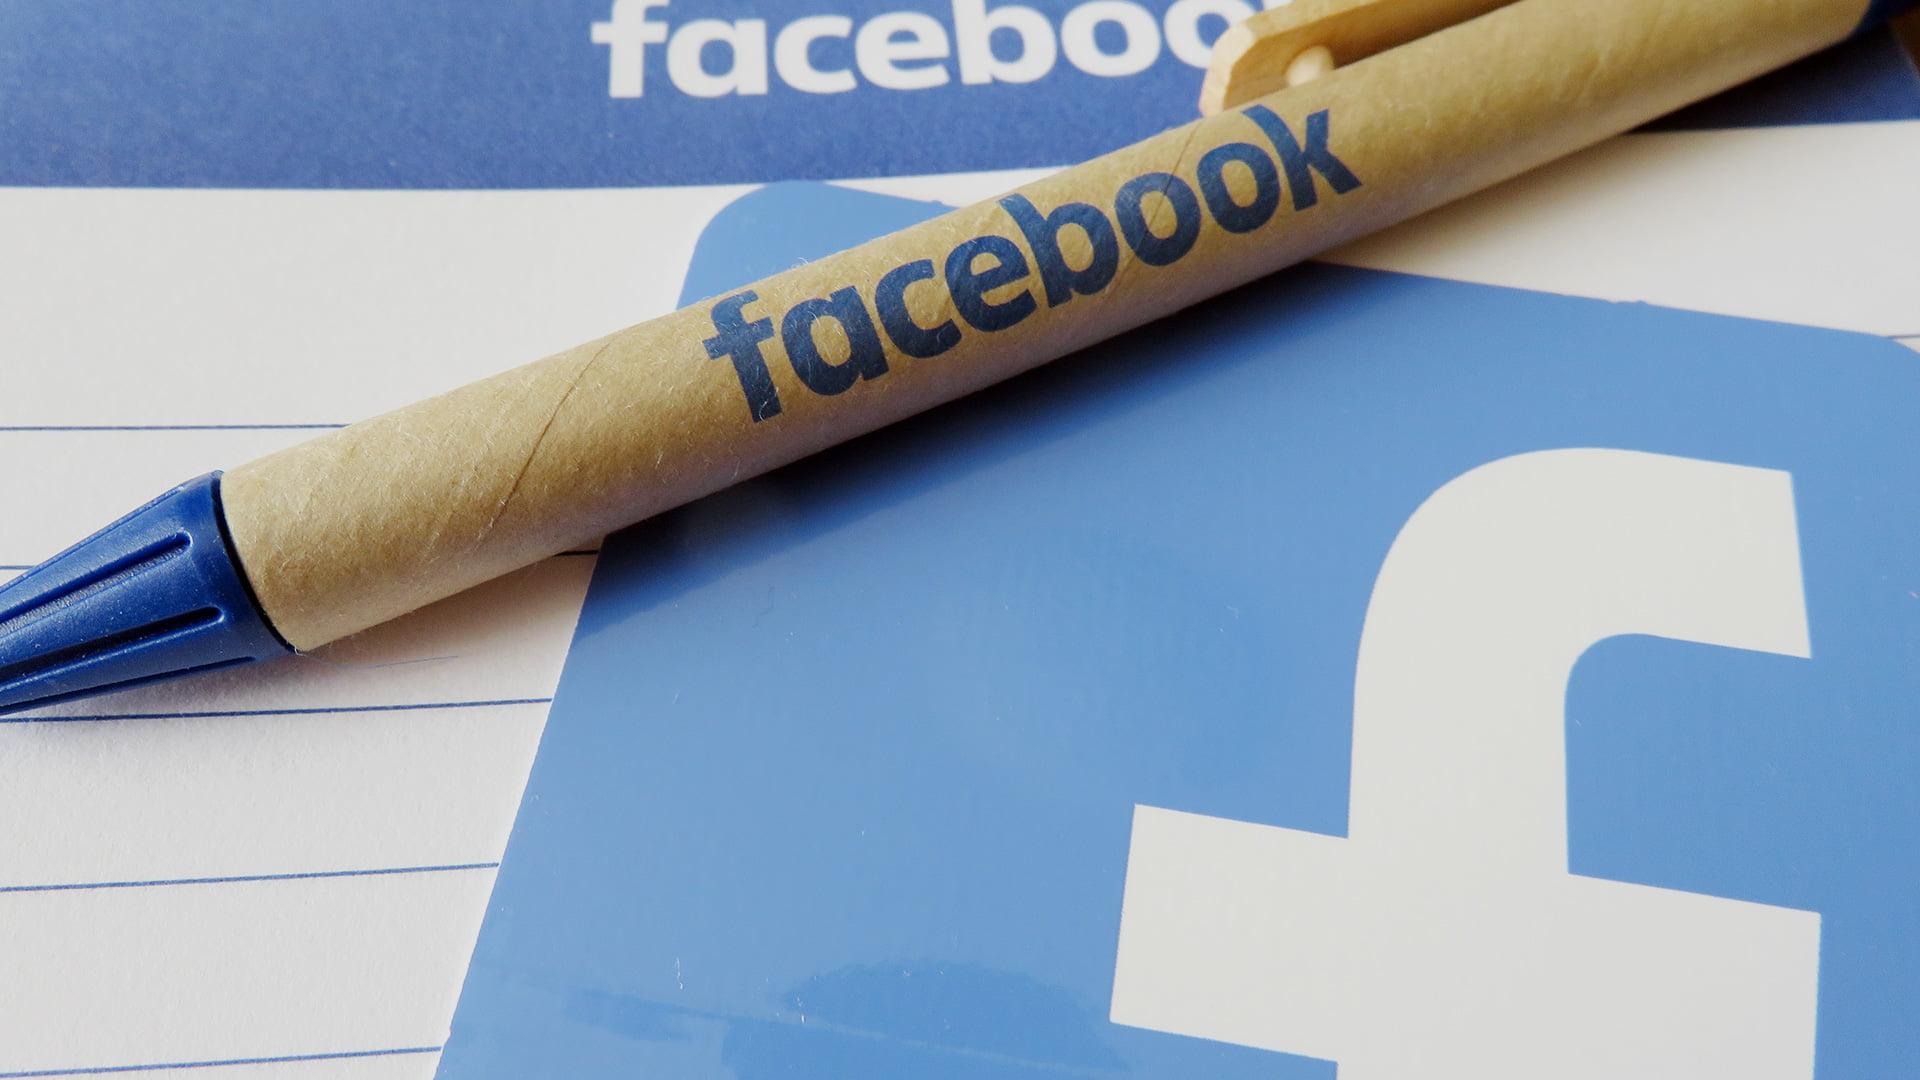 Κατασκευή e-shop & ιστοσελίδων Θεσσαλονίκη 5 Συμβουλές για μια επιτυχημένη διαφημιστική καμπάνια στο Facebook